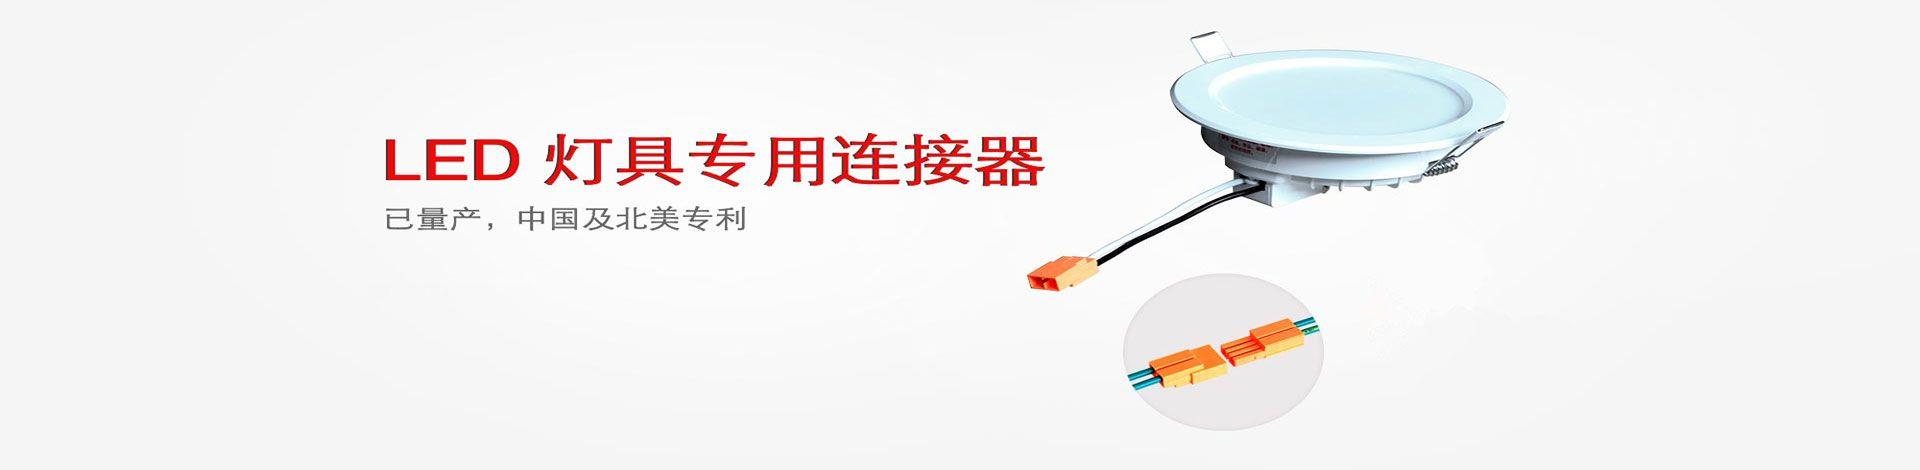 深圳市鸿儒连接器有限公司